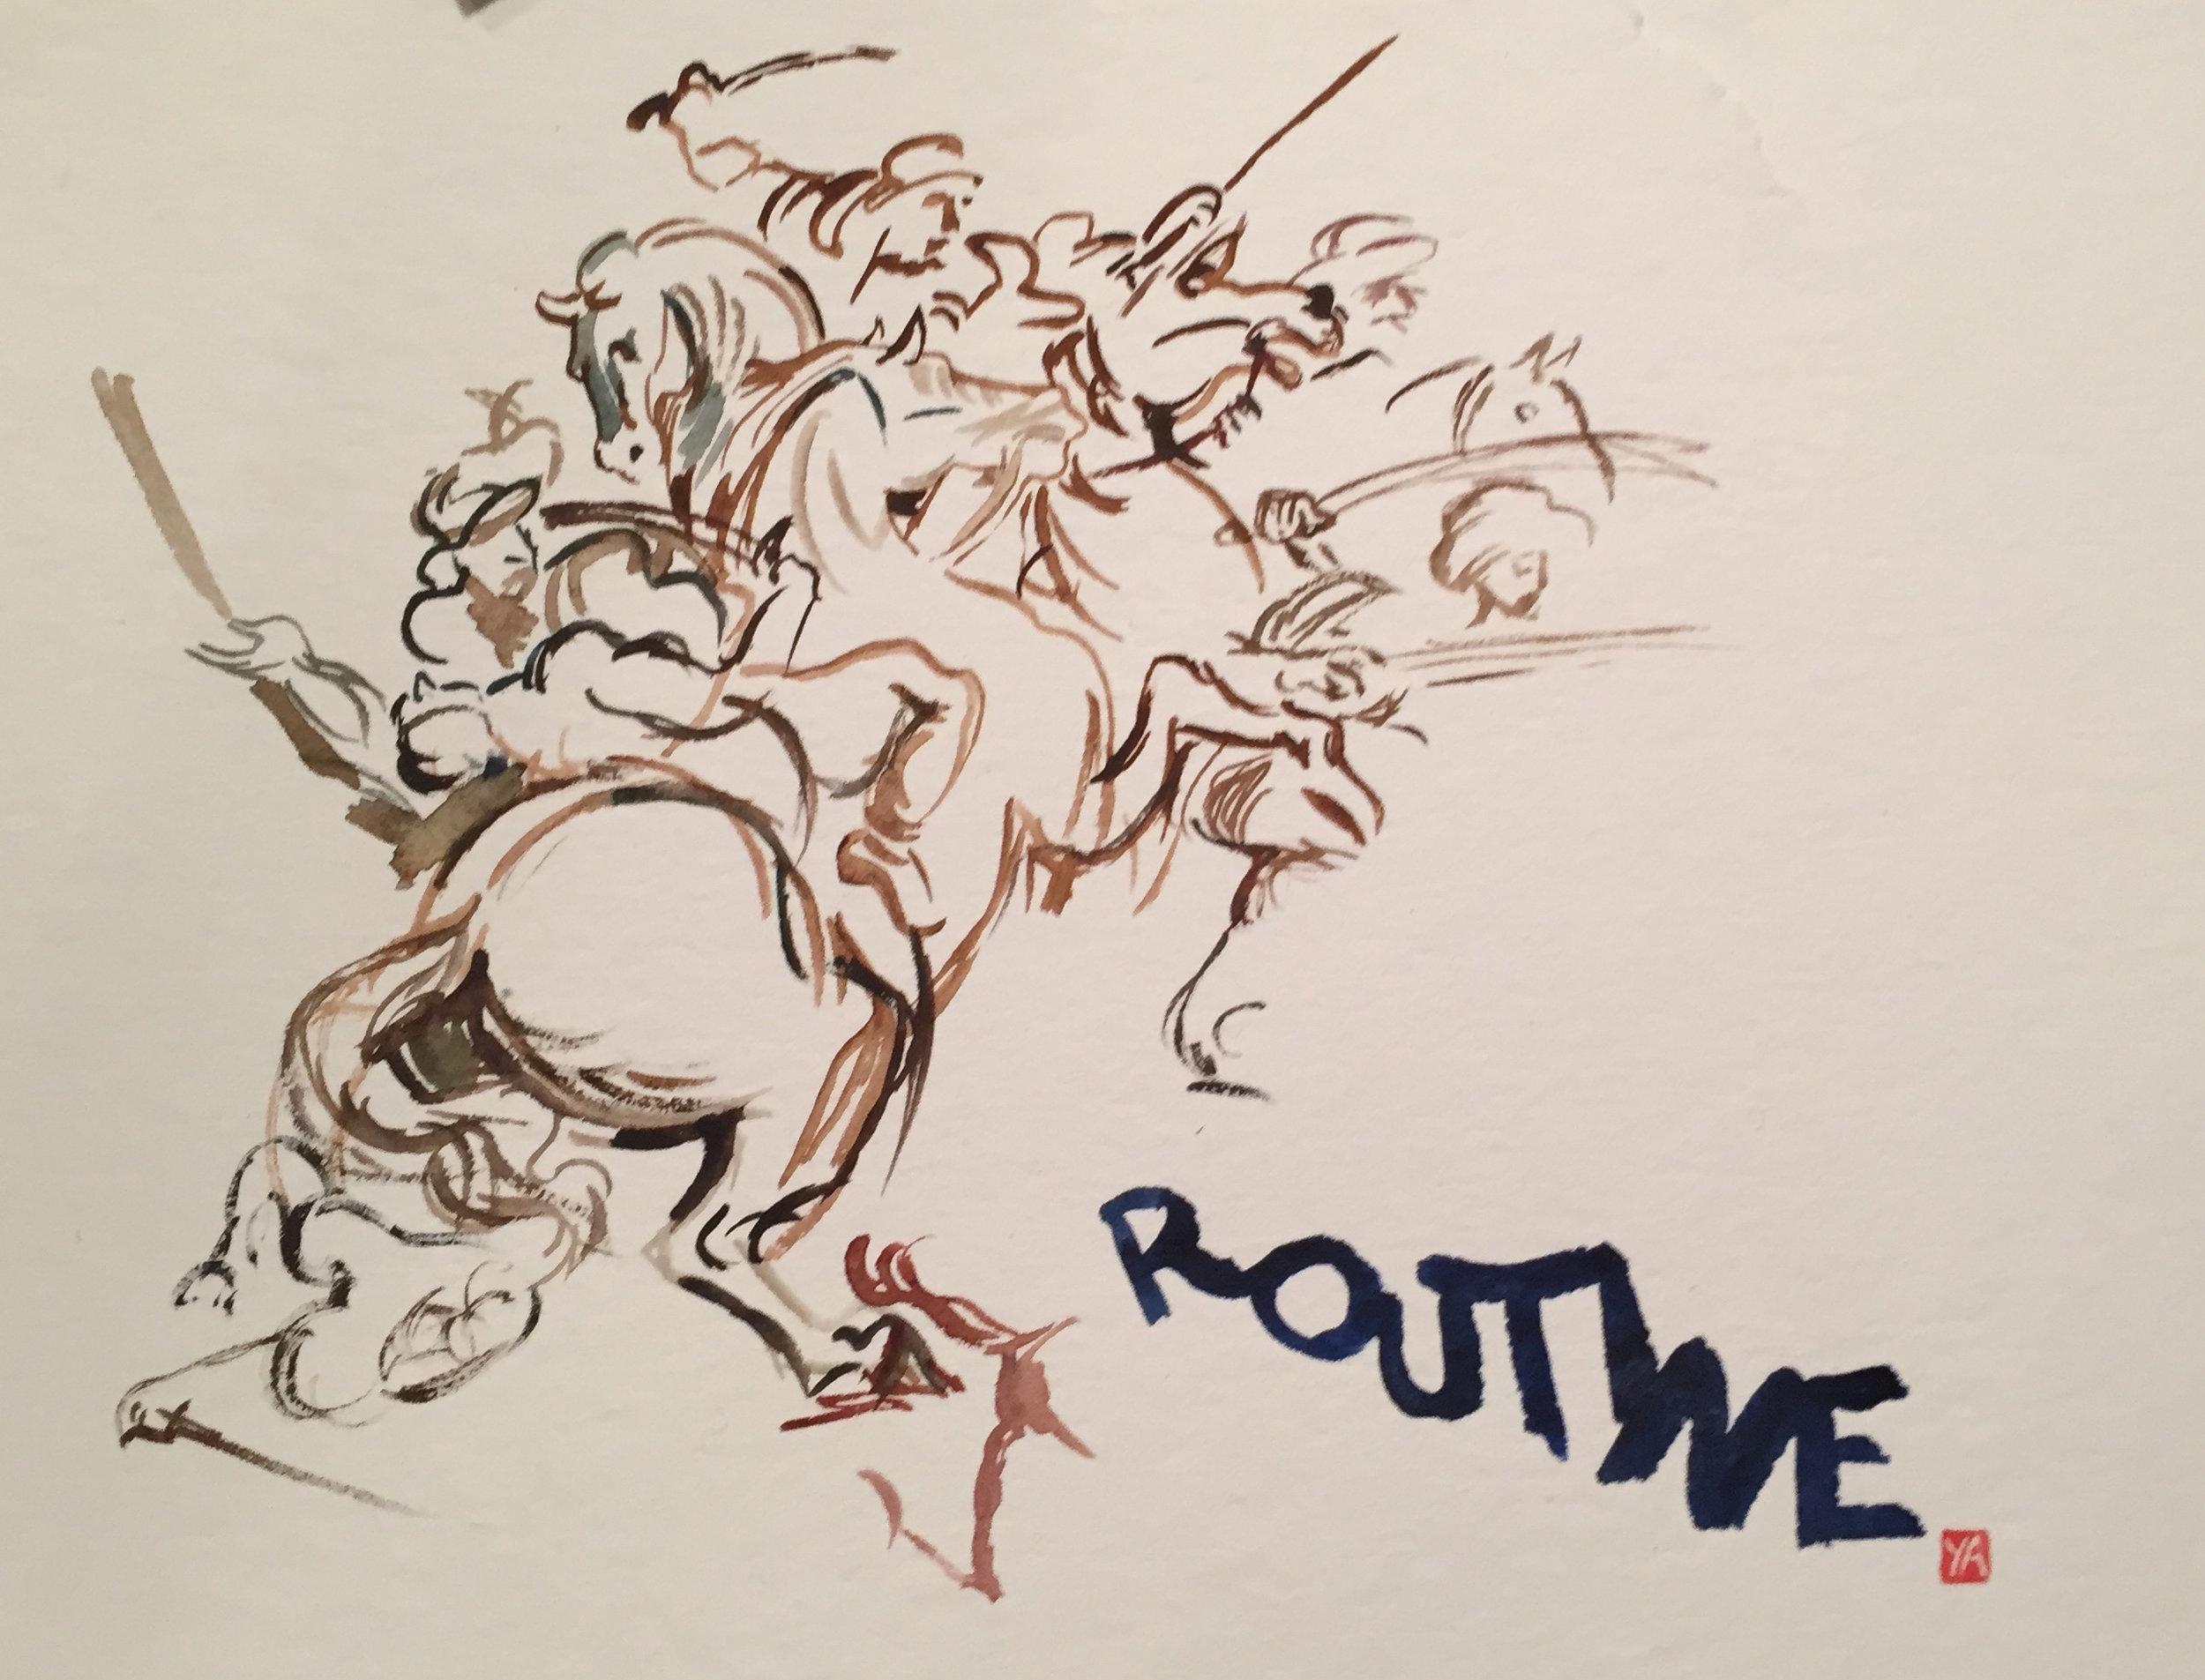 Routine Battle